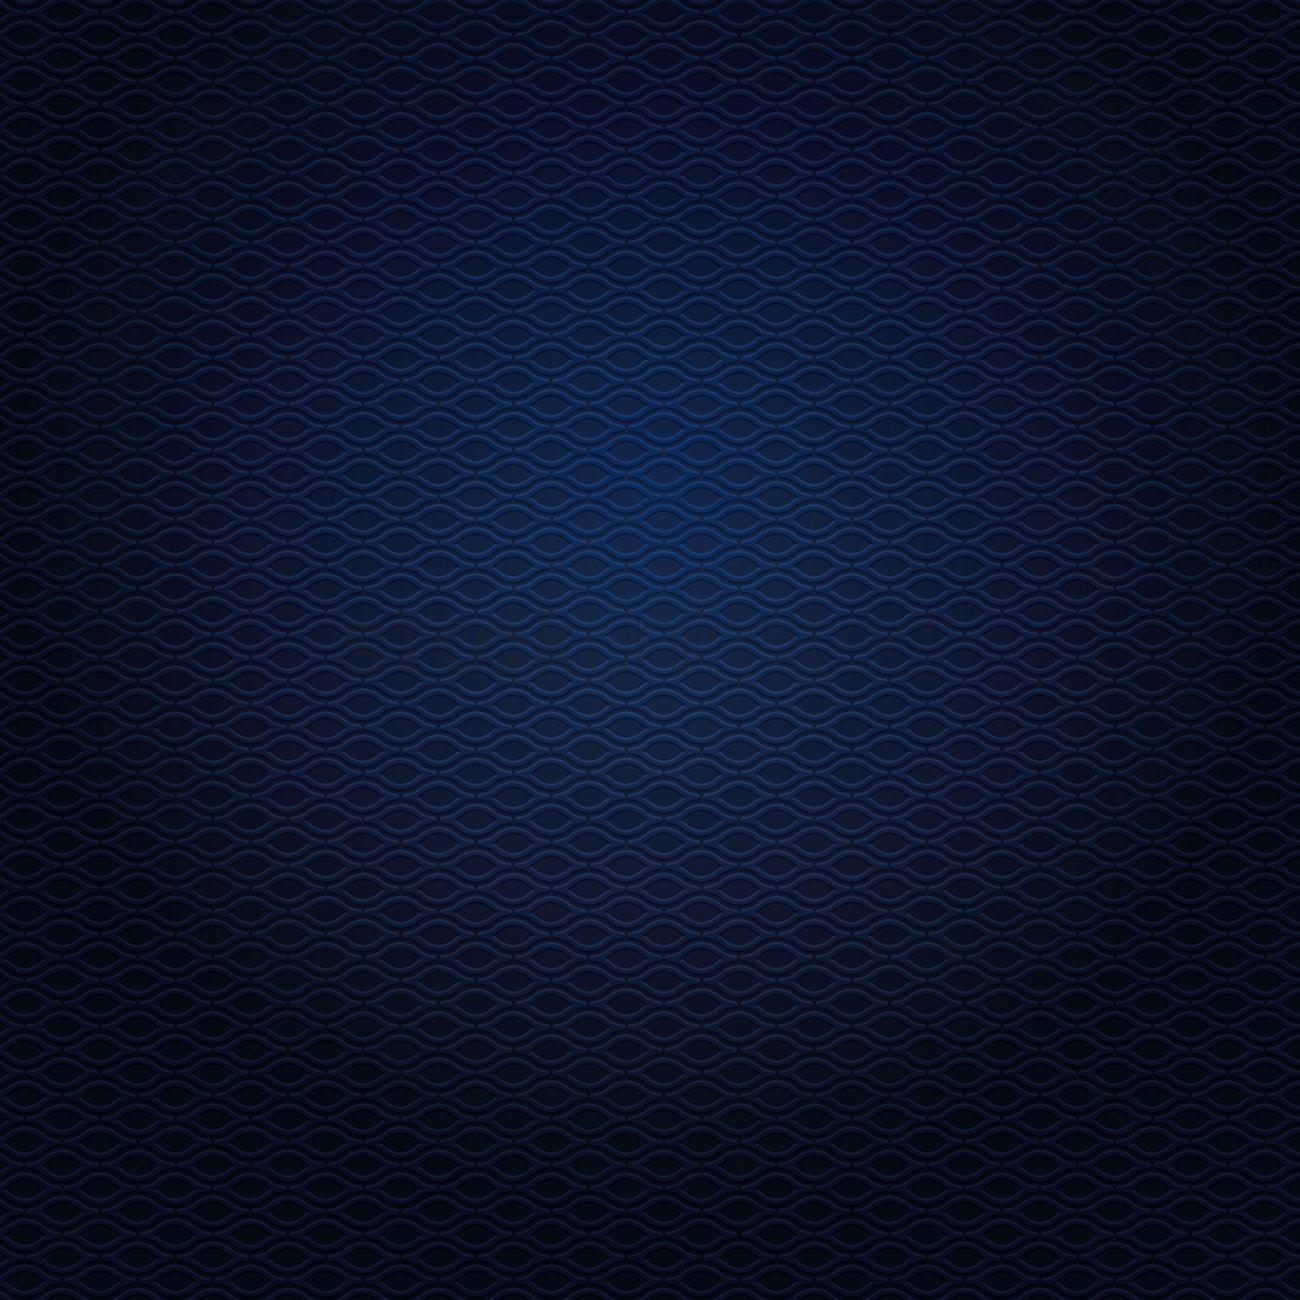 1300x1300 Dark Blue Textured Background Vector Image